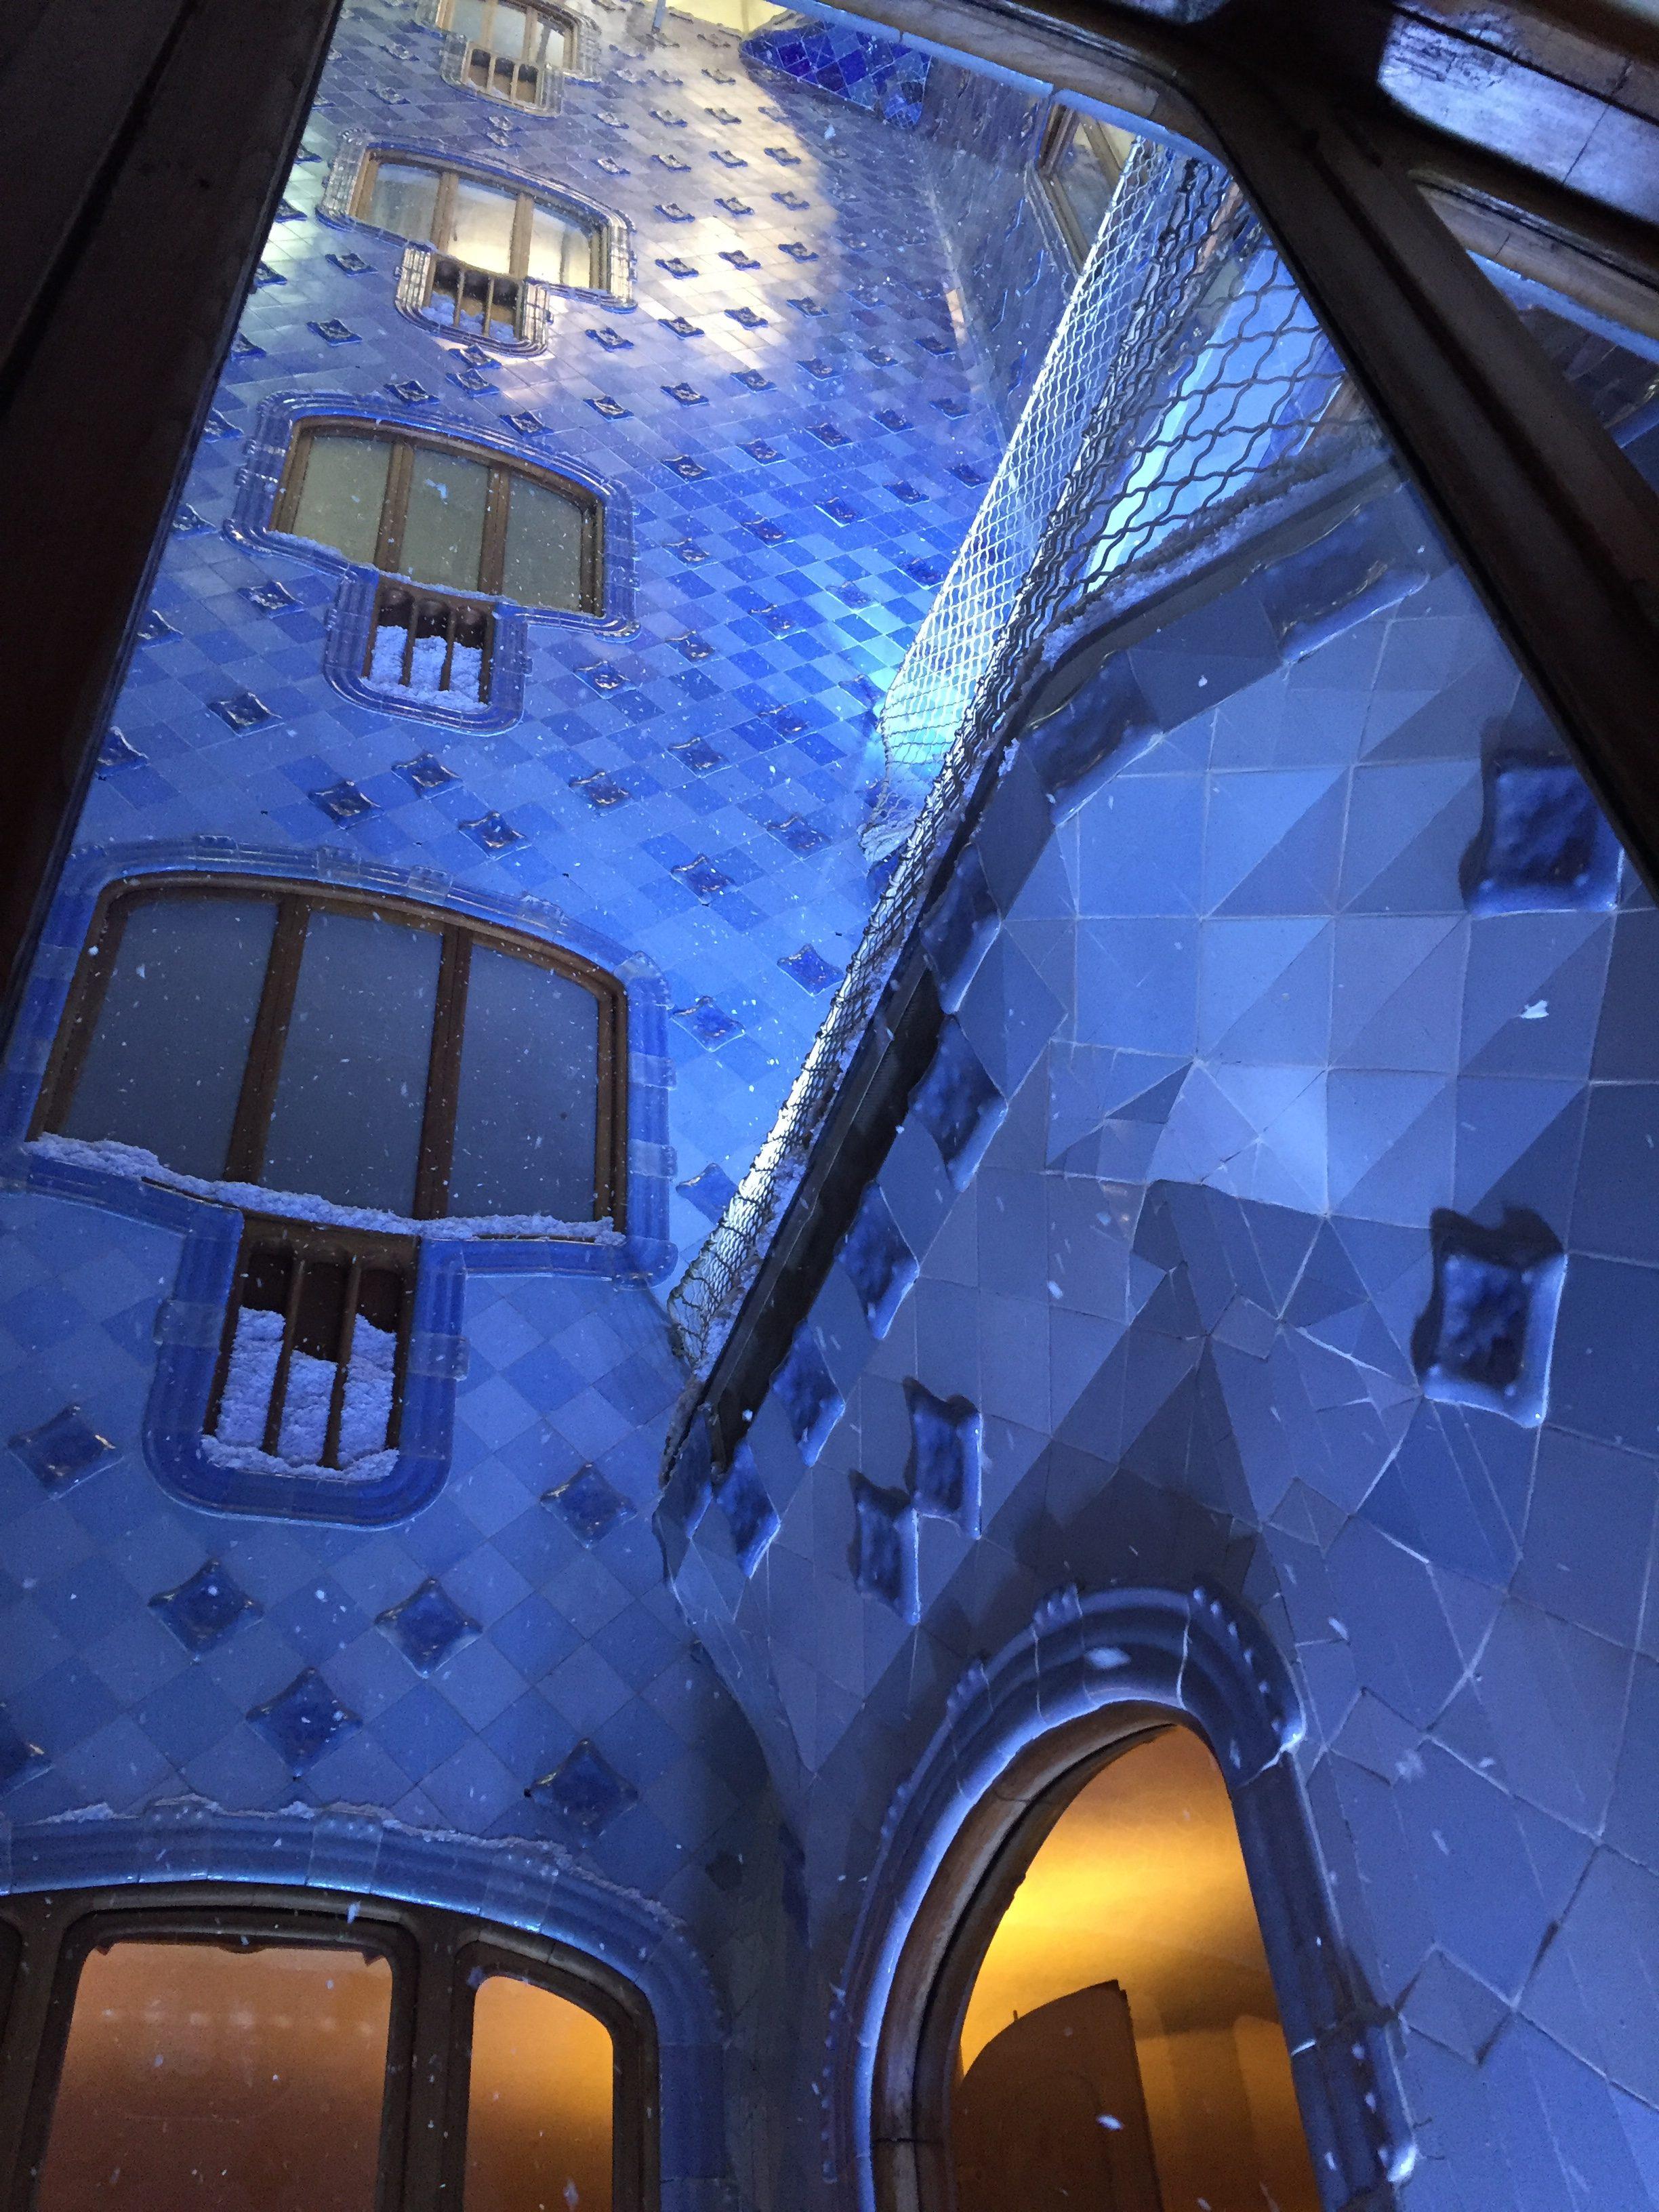 IMG 0854 e1520468843425 - Visita a la Casa Batlló en Barcelona Parte II/II